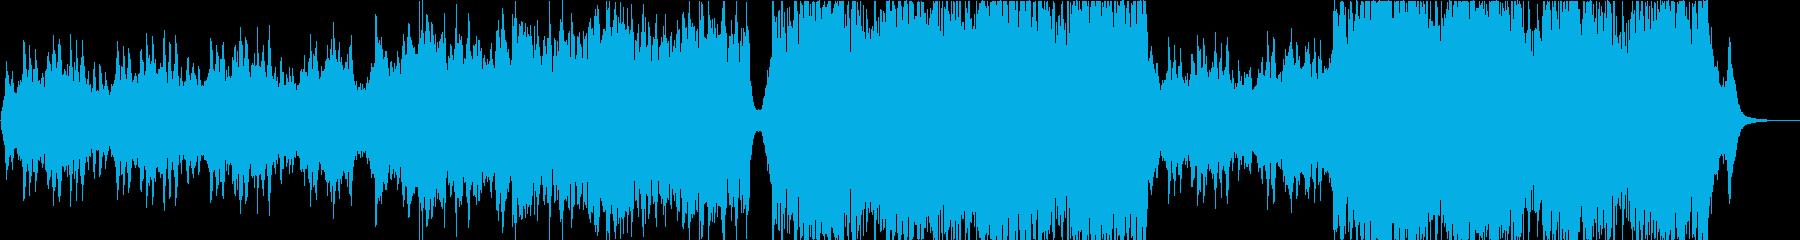 ピアノとオーケストラの感動的な企業PVの再生済みの波形